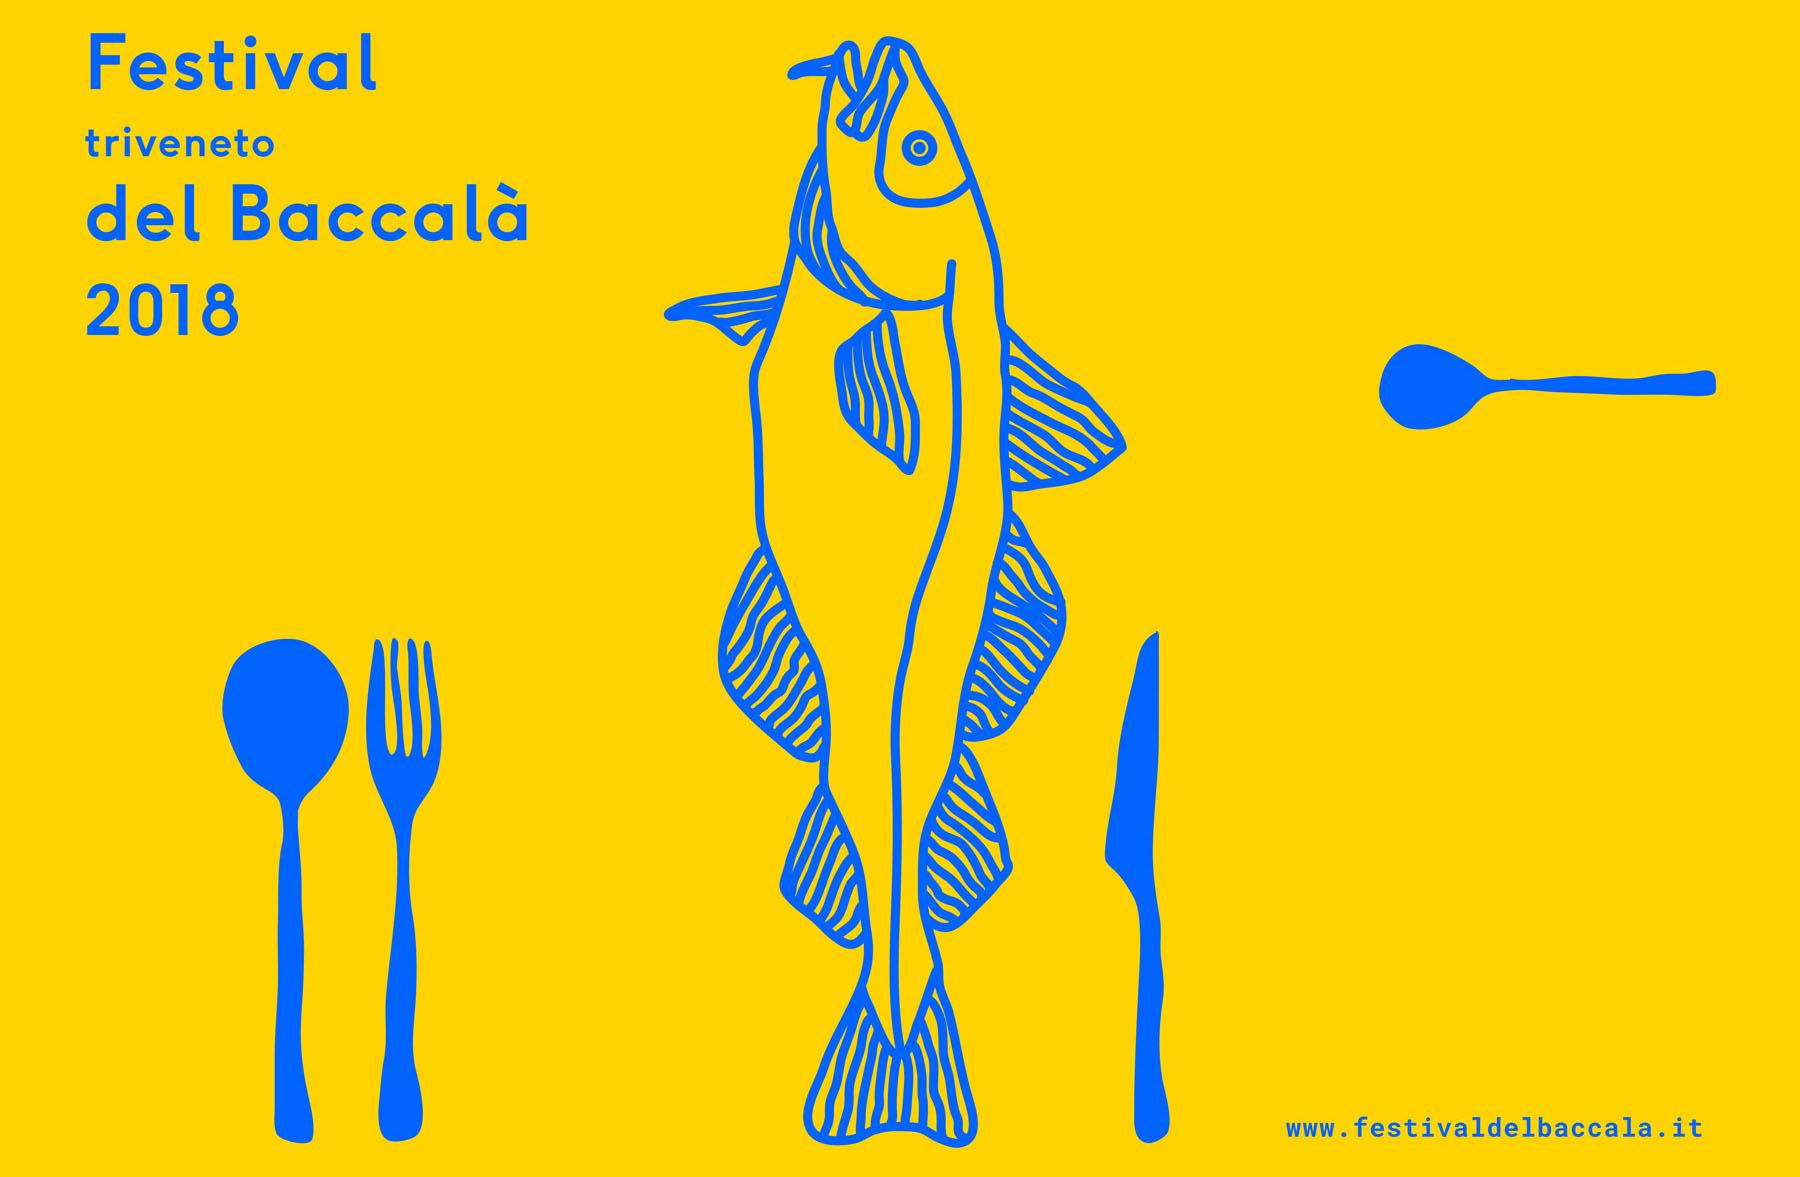 Festival del Baccalà 2018